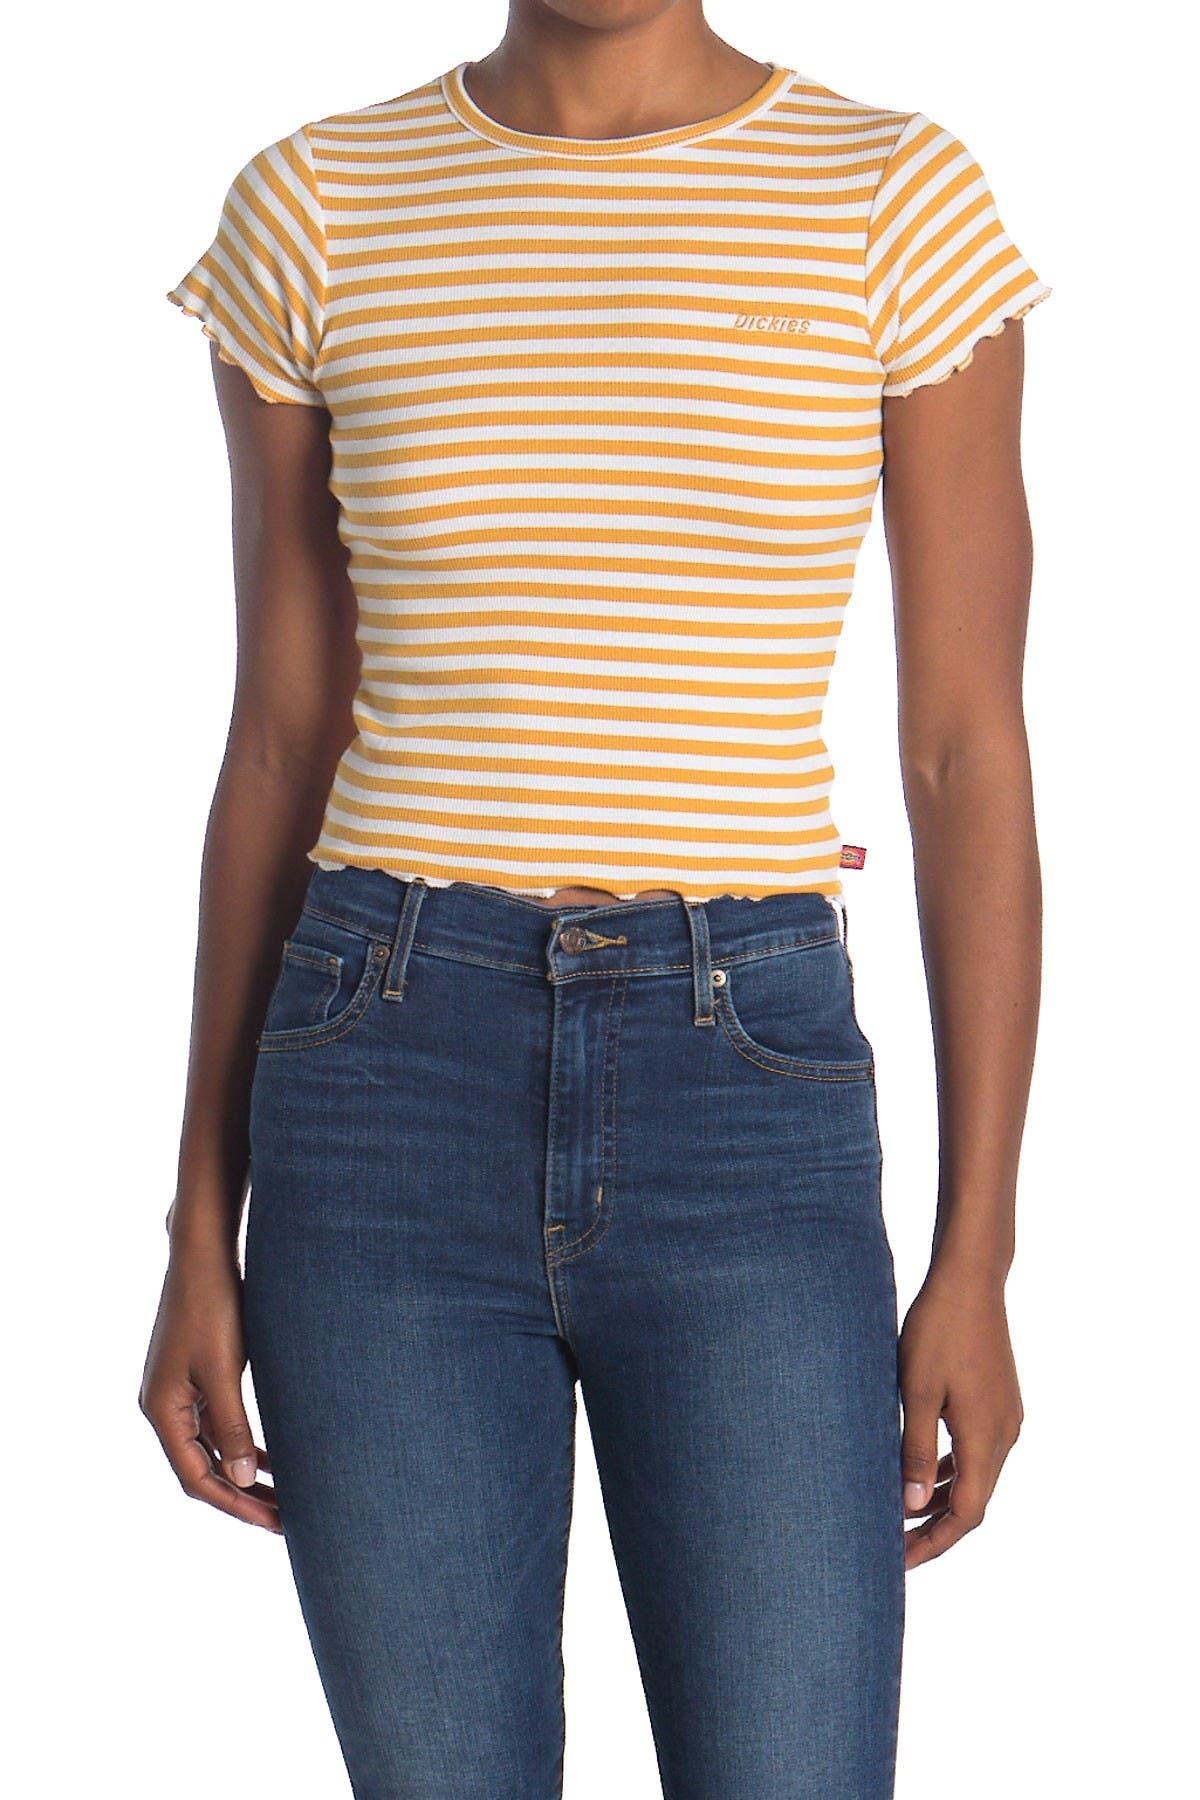 Image of Dickies Short Sleeve Baby Striped Tee